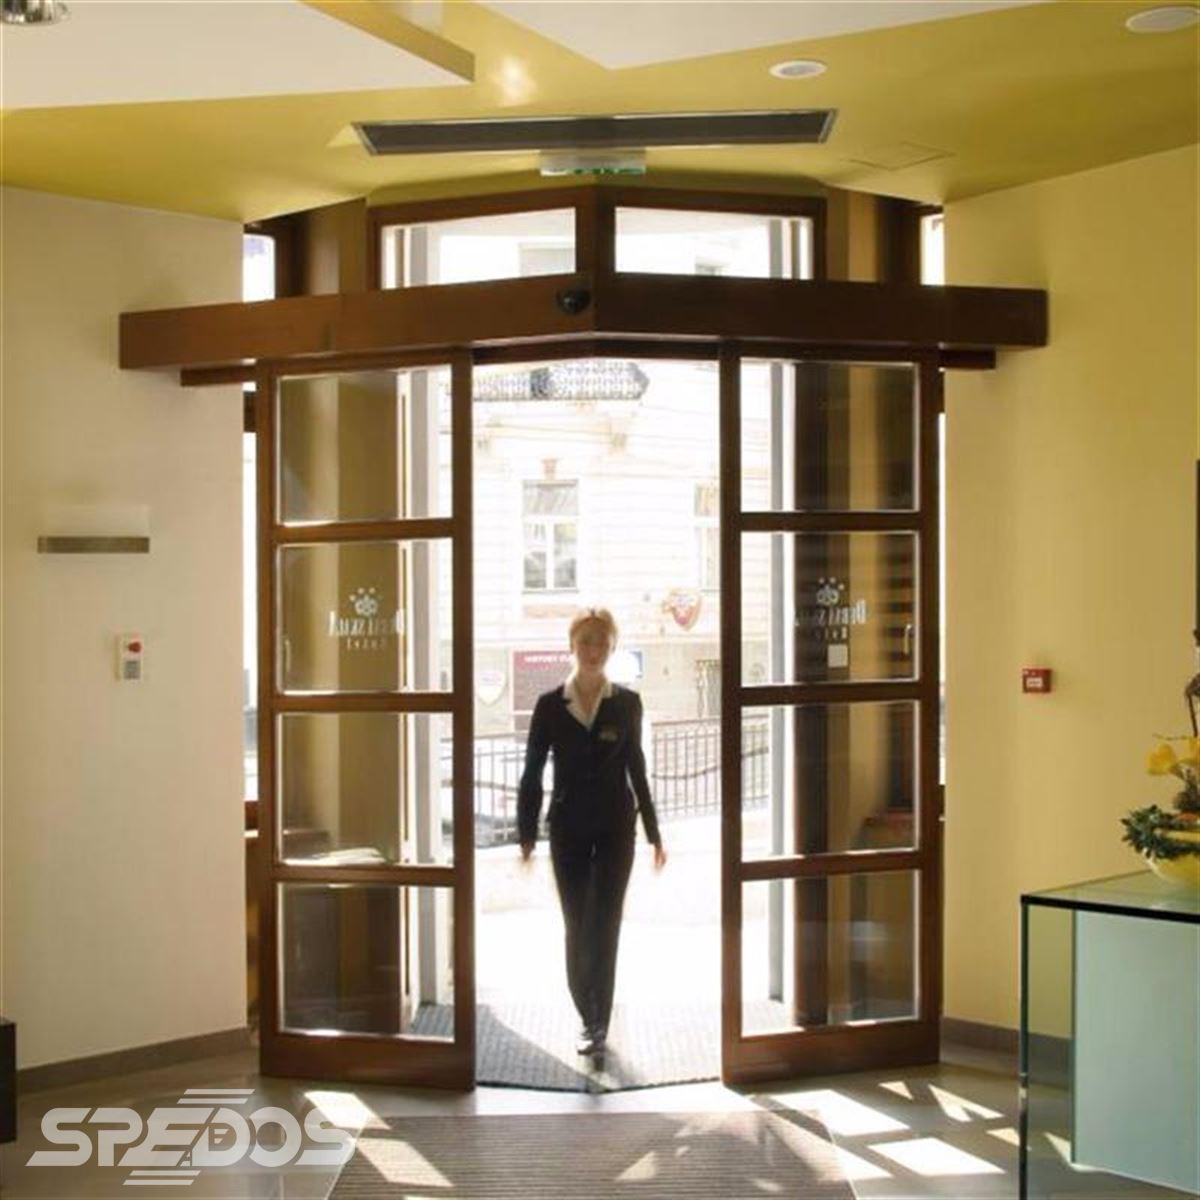 dveřní portál z dřevěných profilů